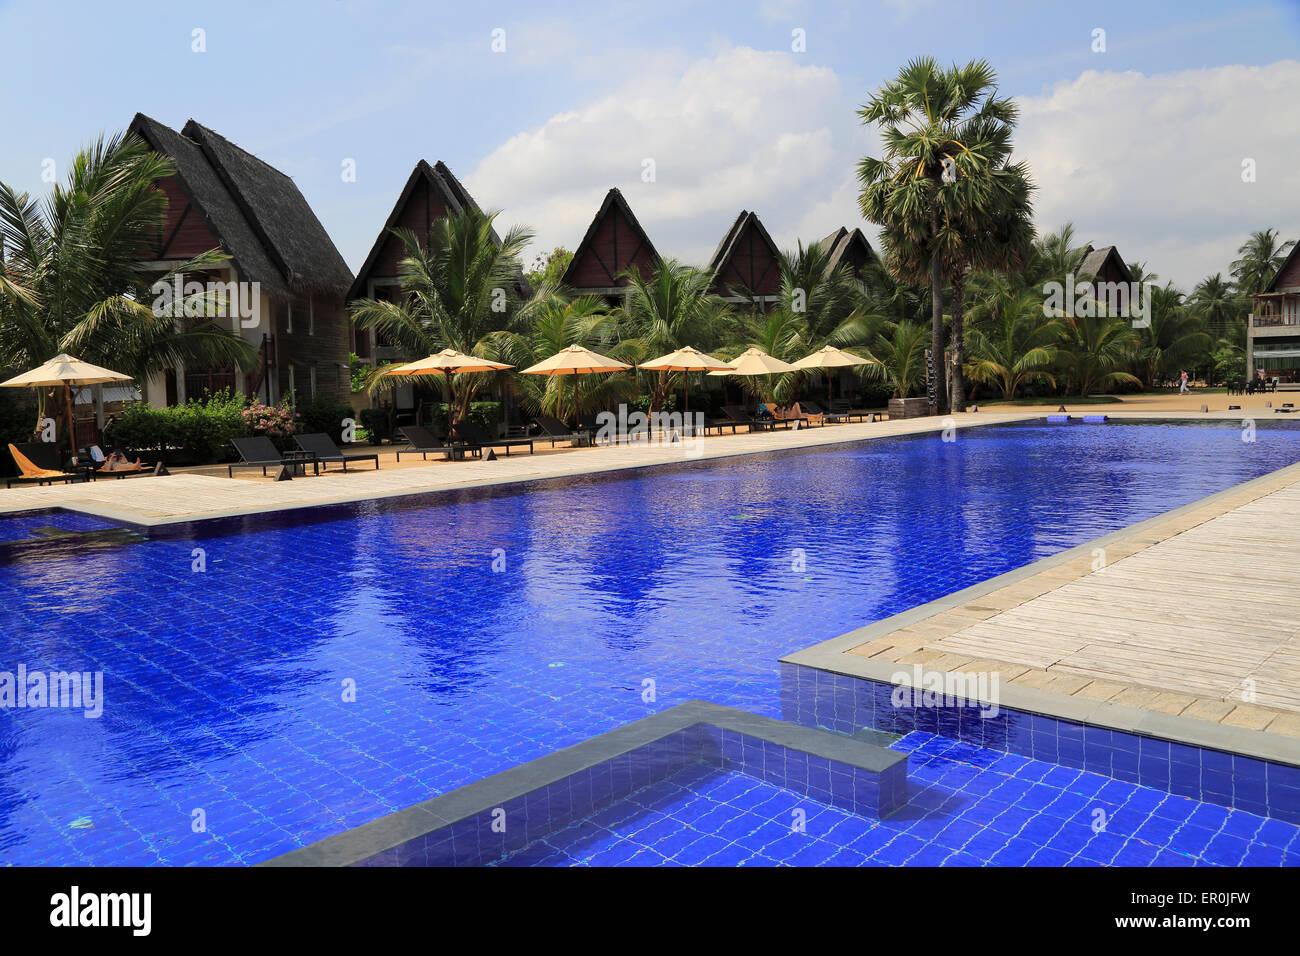 Maalu Maalu Resort Hotel Beach Pasikudah Bay Eastern Province